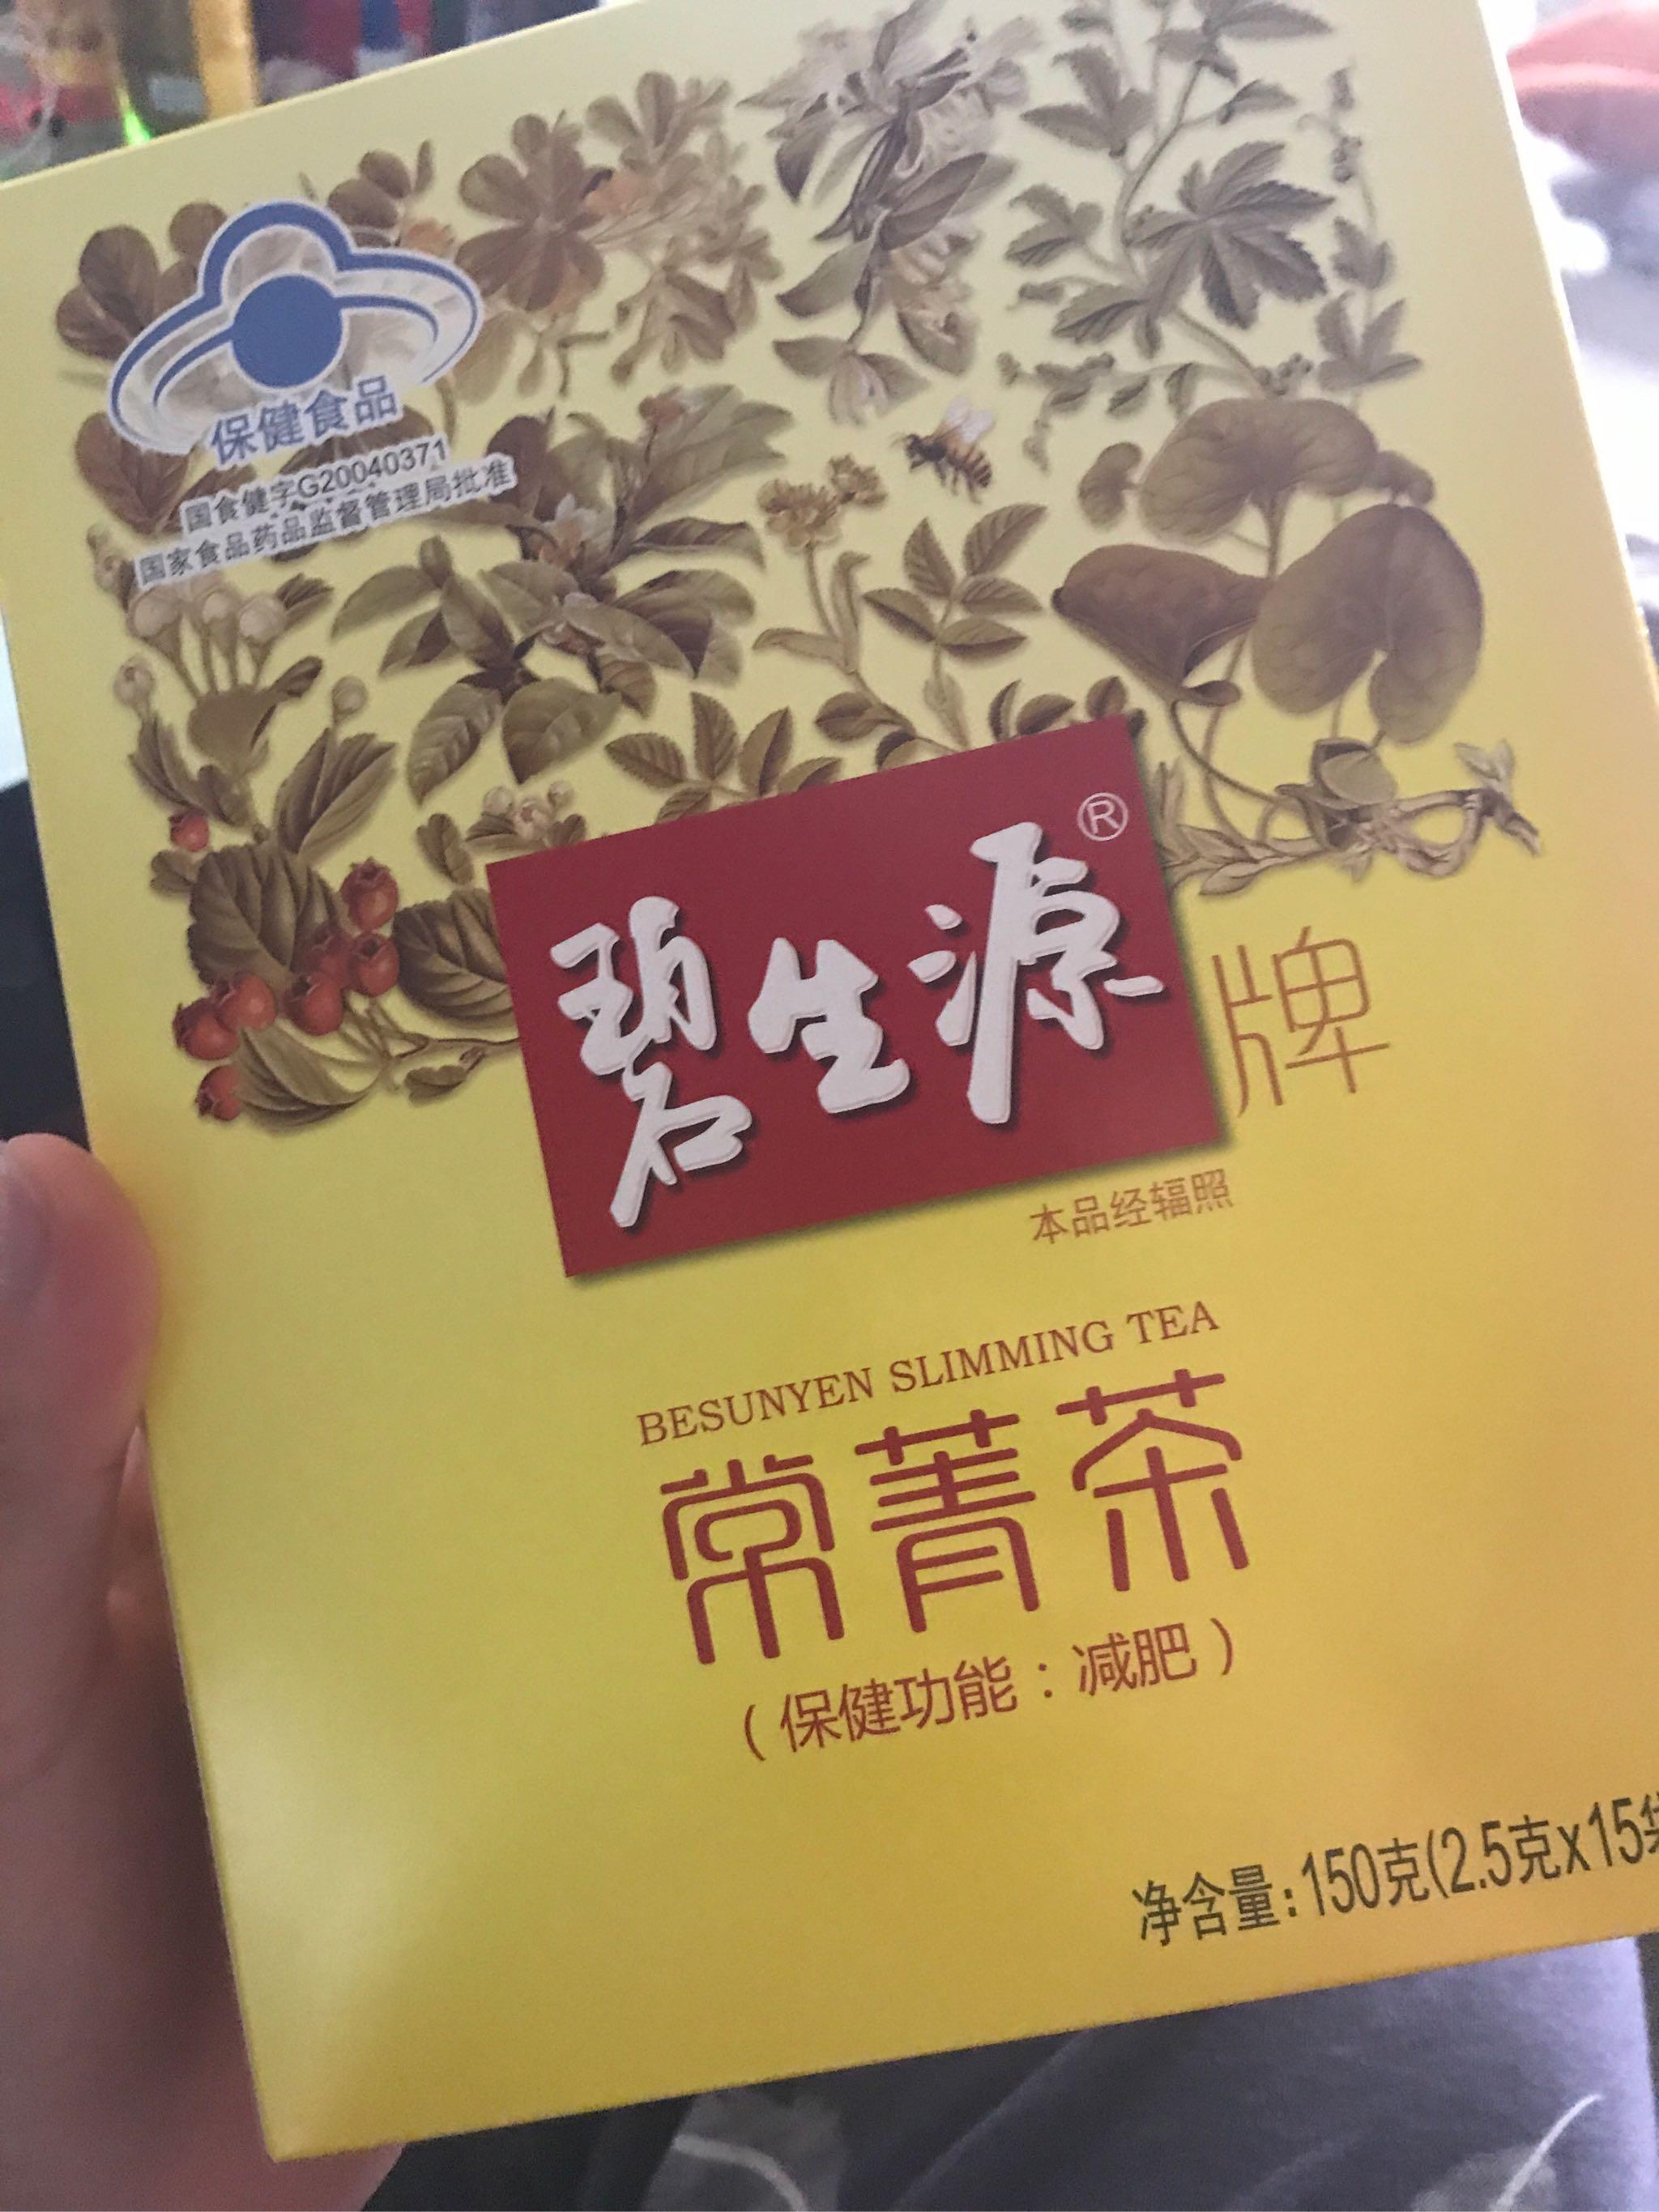 碧生源减肥茶减肥体验,个人体质前期闹肚子